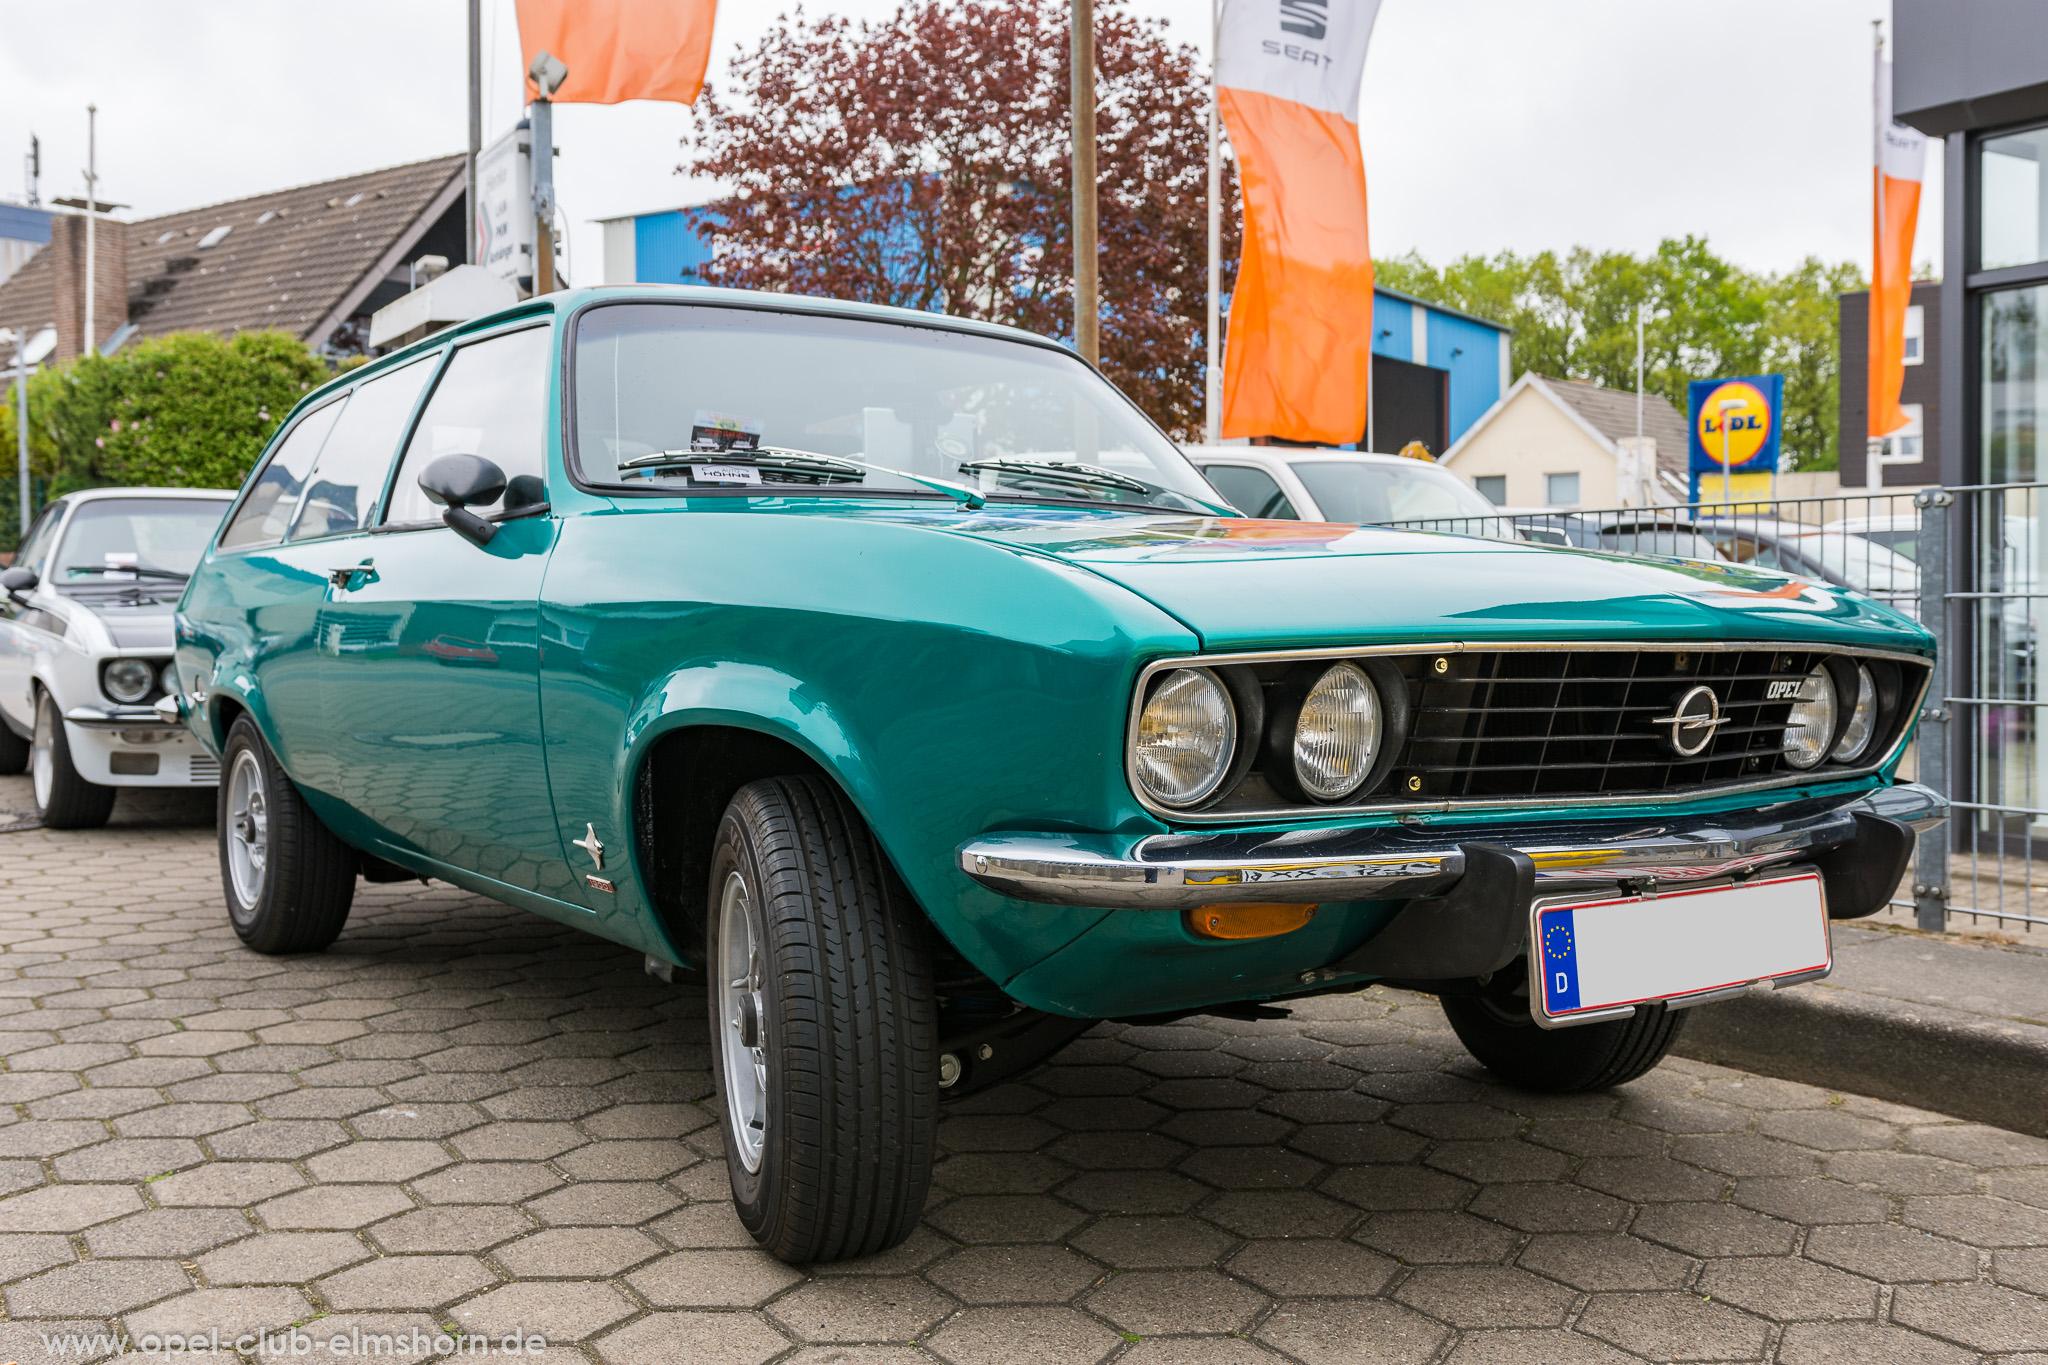 Altopeltreffen Wedel 2019 - 20190501_114302 - Opel Ascona A